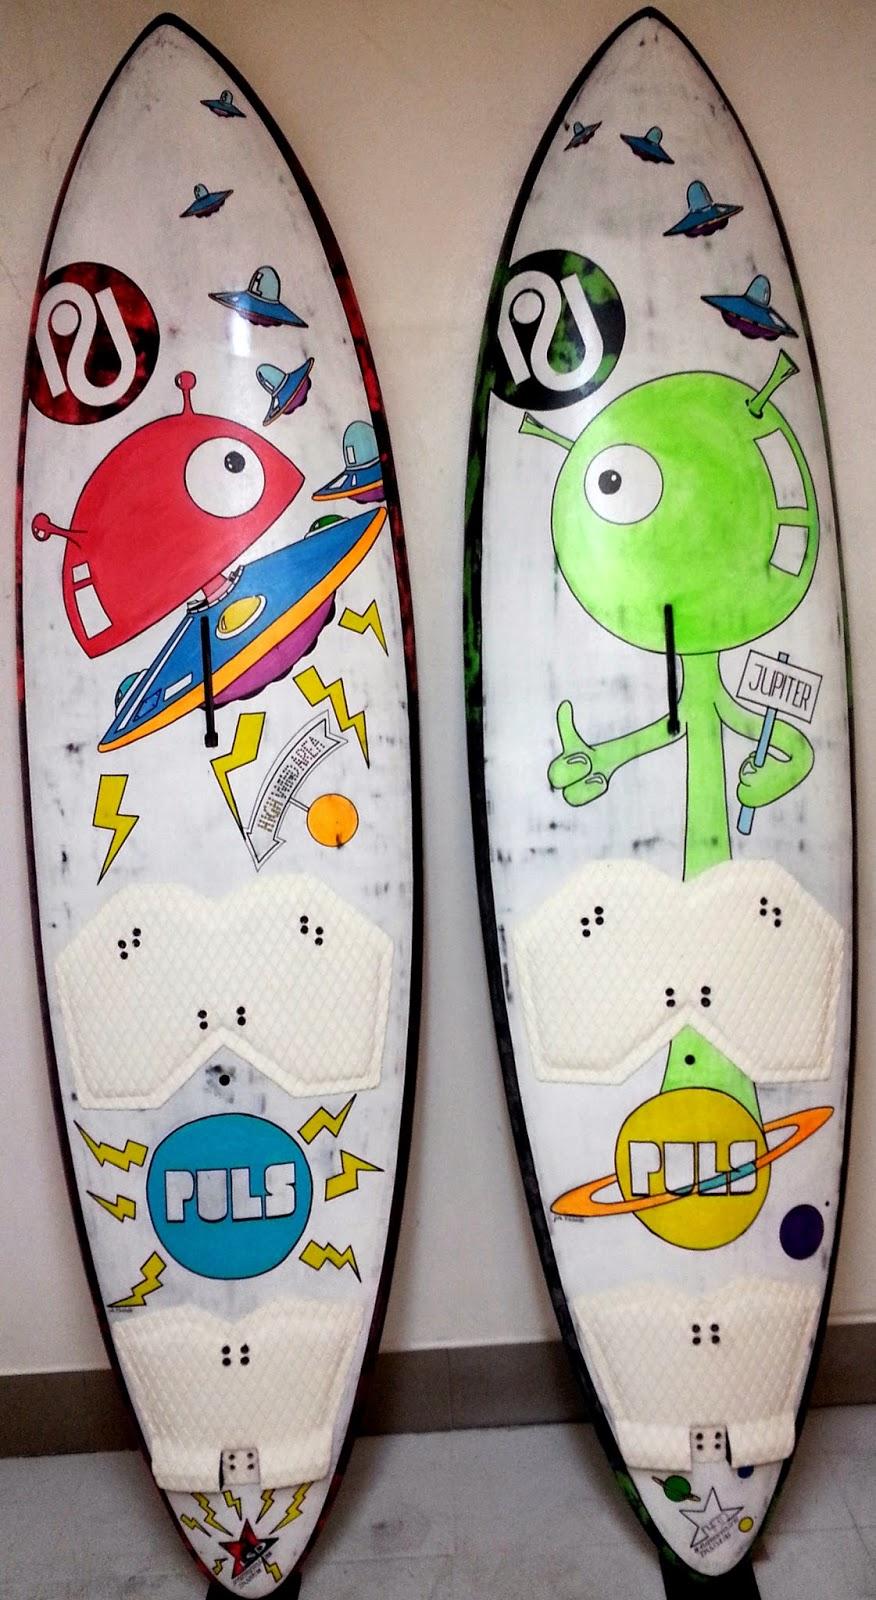 PULS Boards